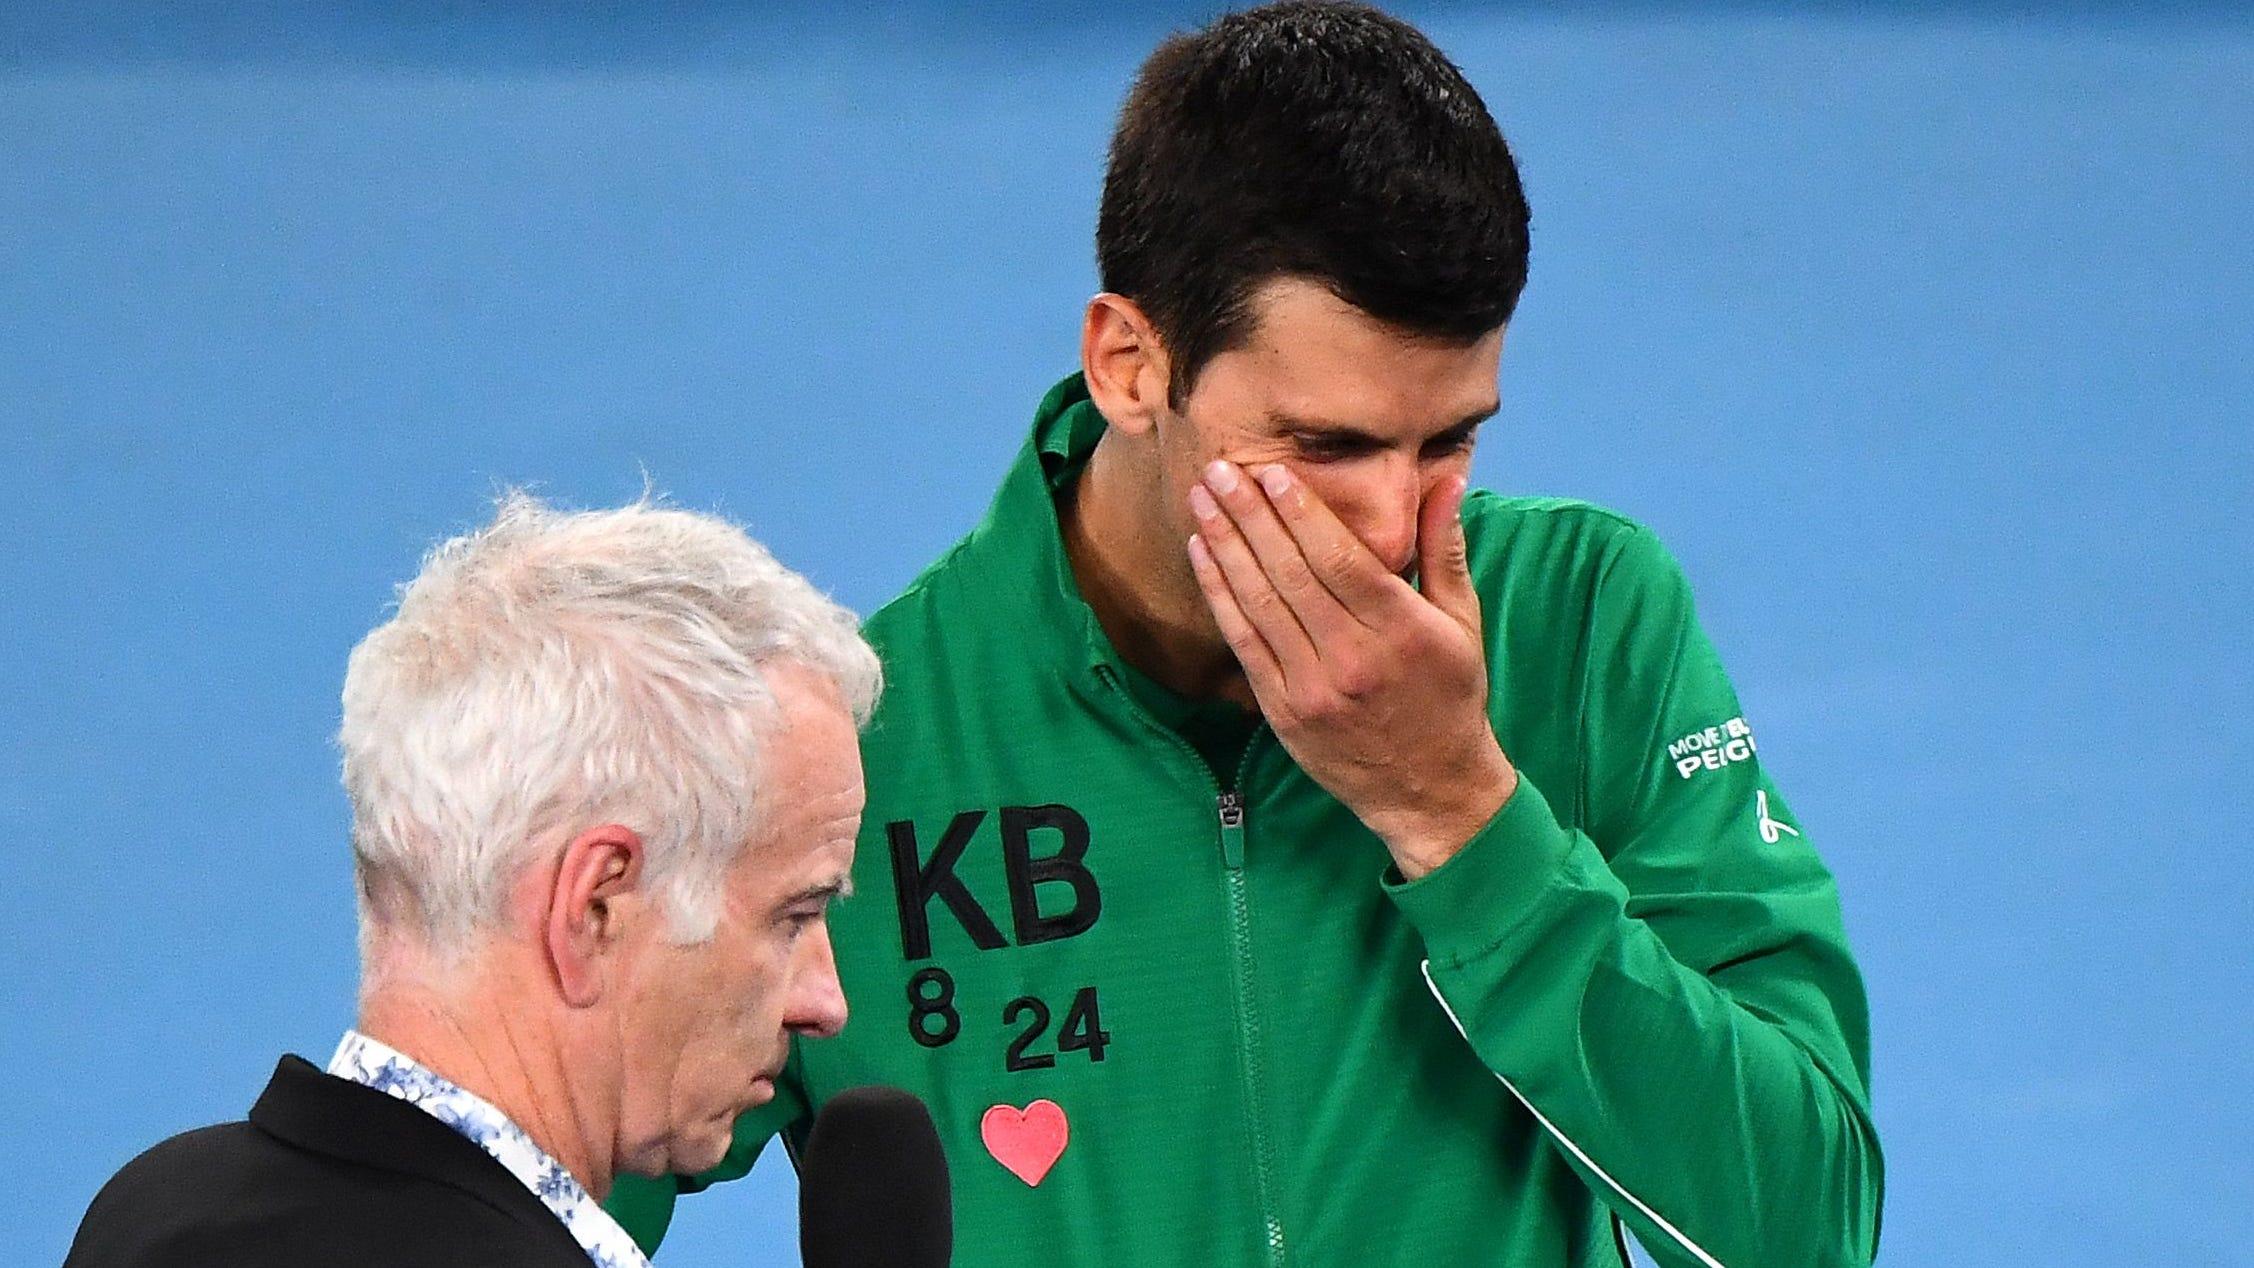 Novak Djokovic Breaks Down In Tears Talking About Kobe Bryant